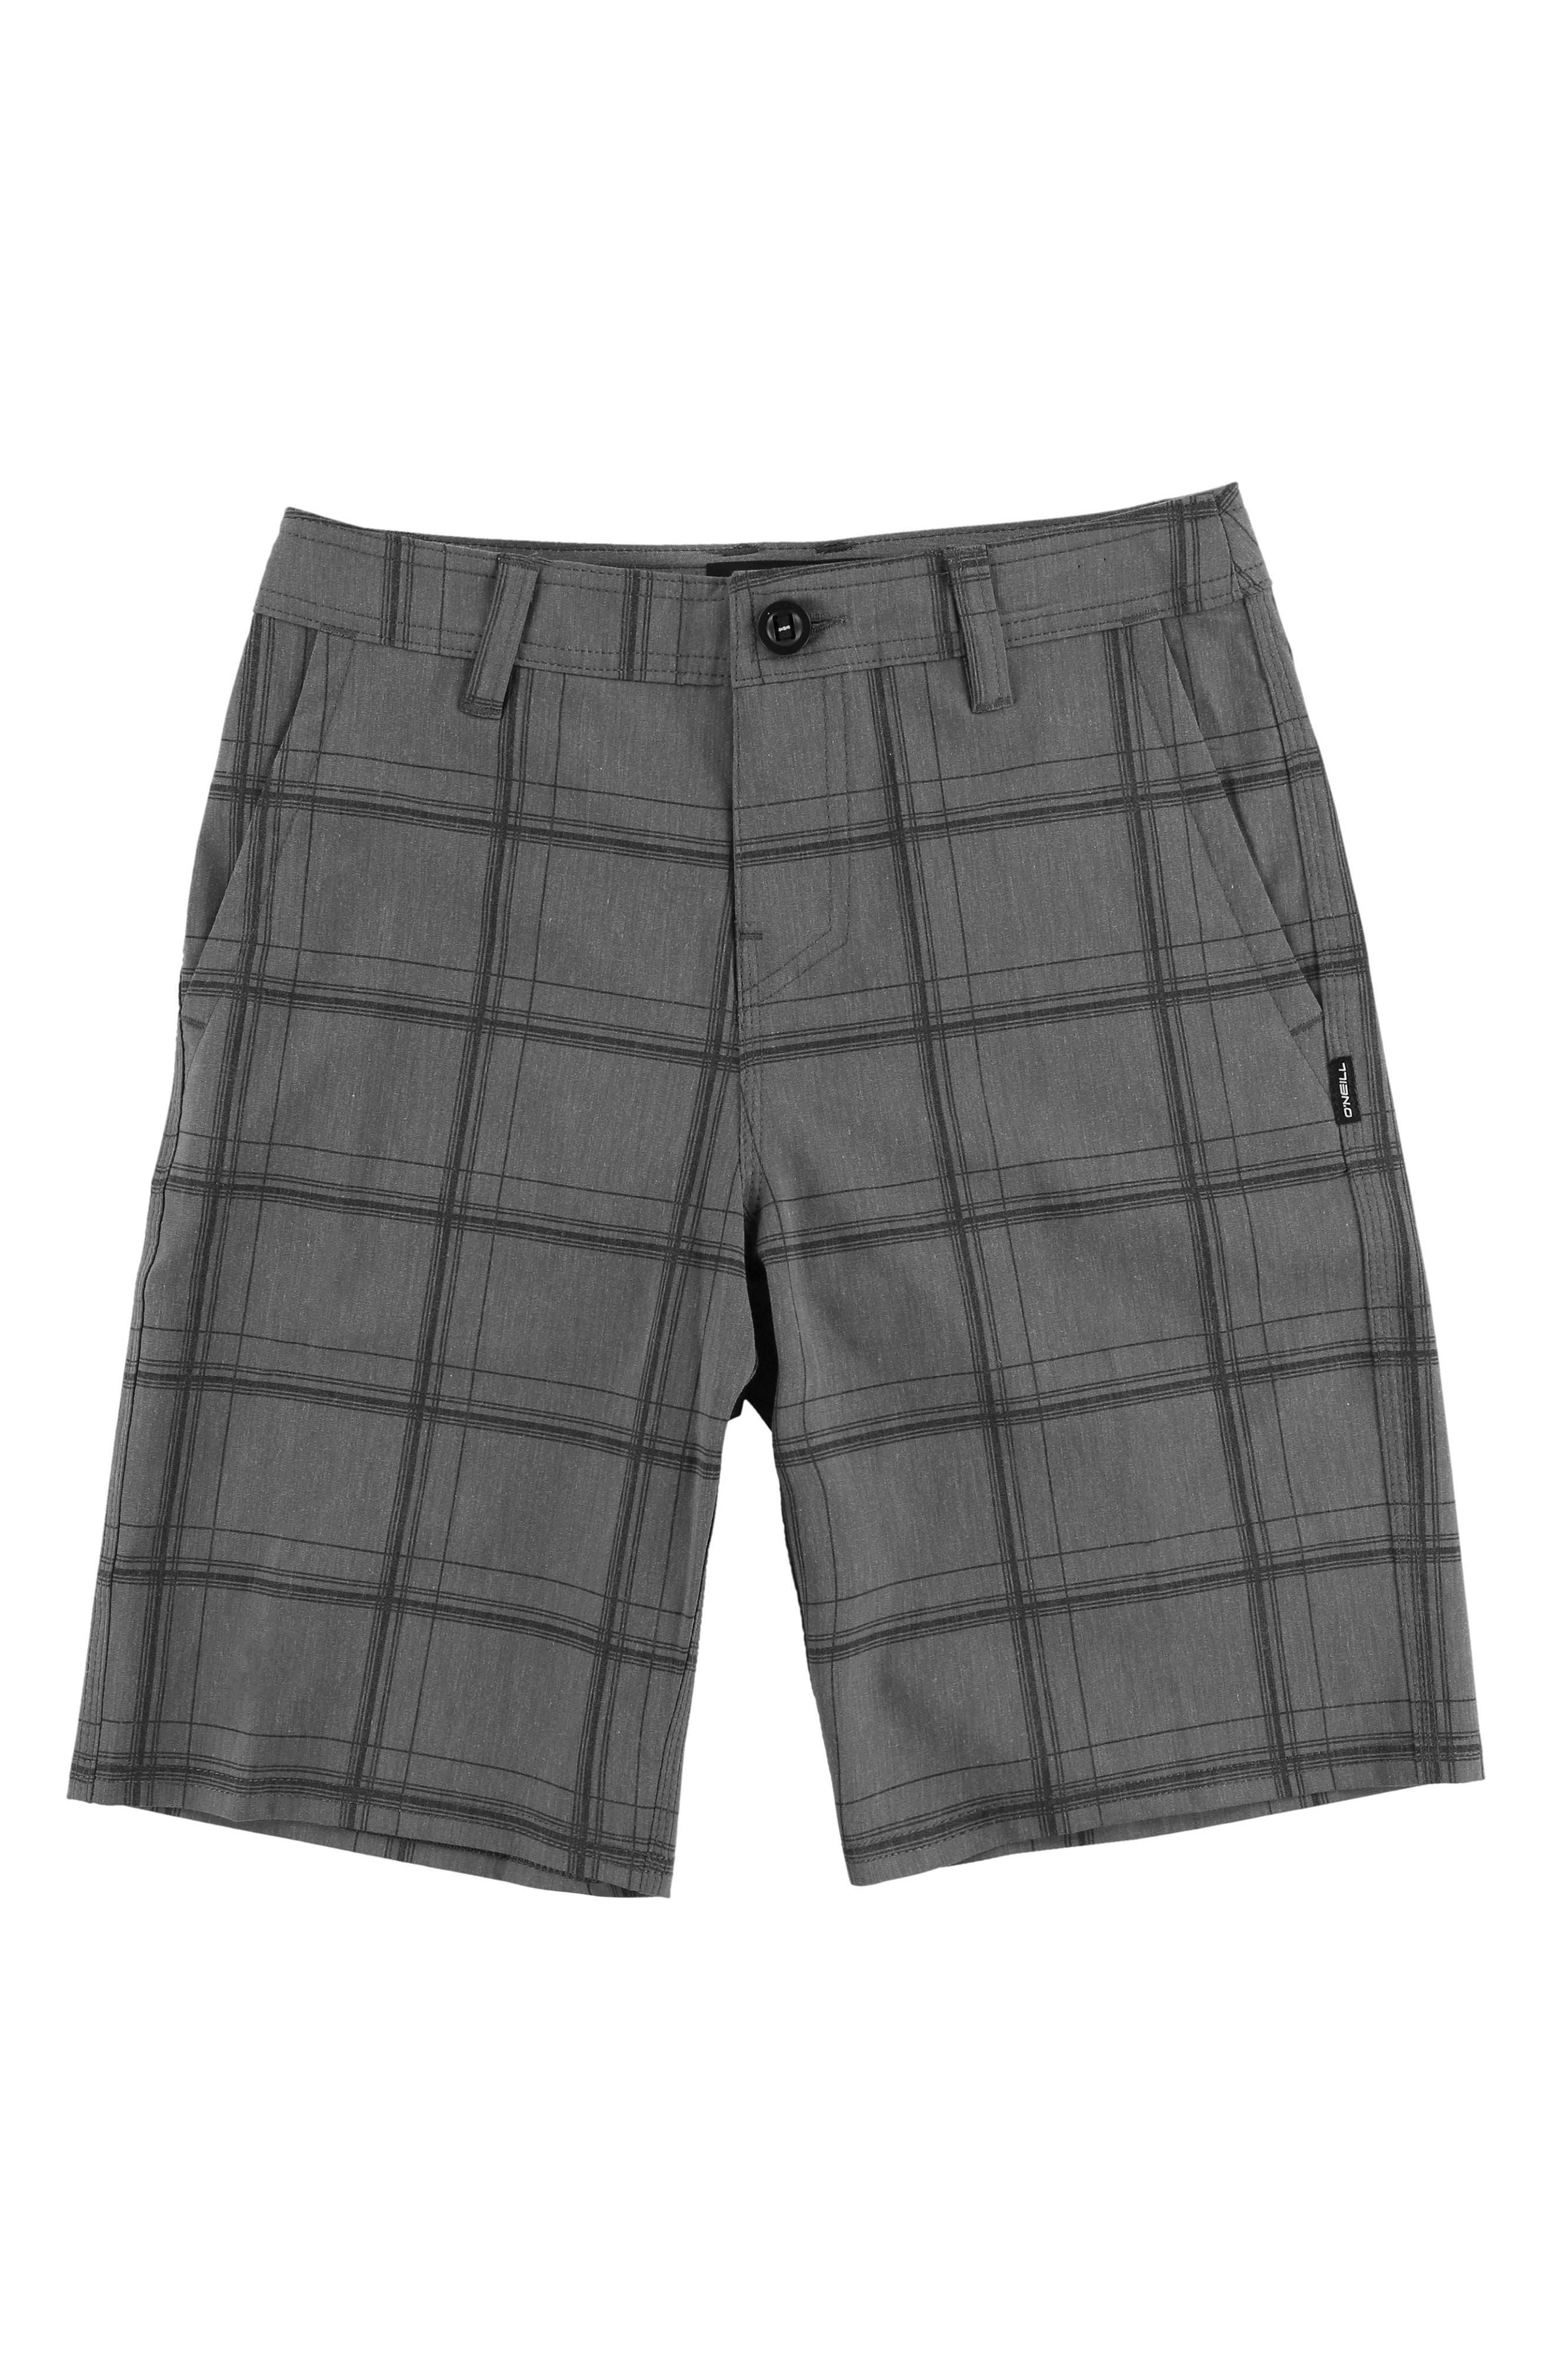 Mixed Hybrid Shorts,                             Main thumbnail 1, color,                             001